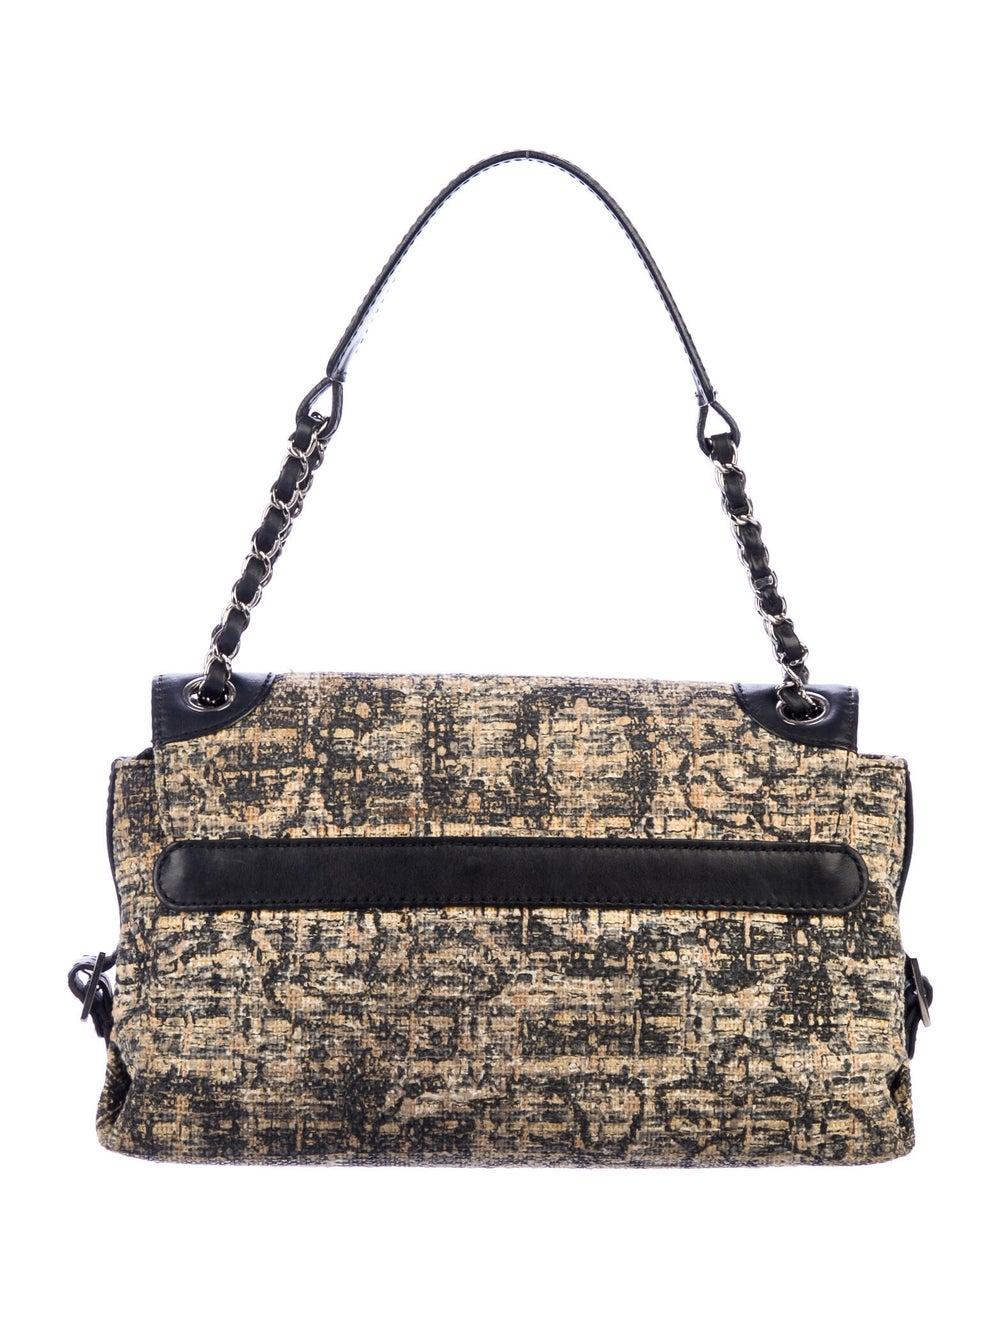 Chanel Tweed Shoulder Bag Silver - image 4